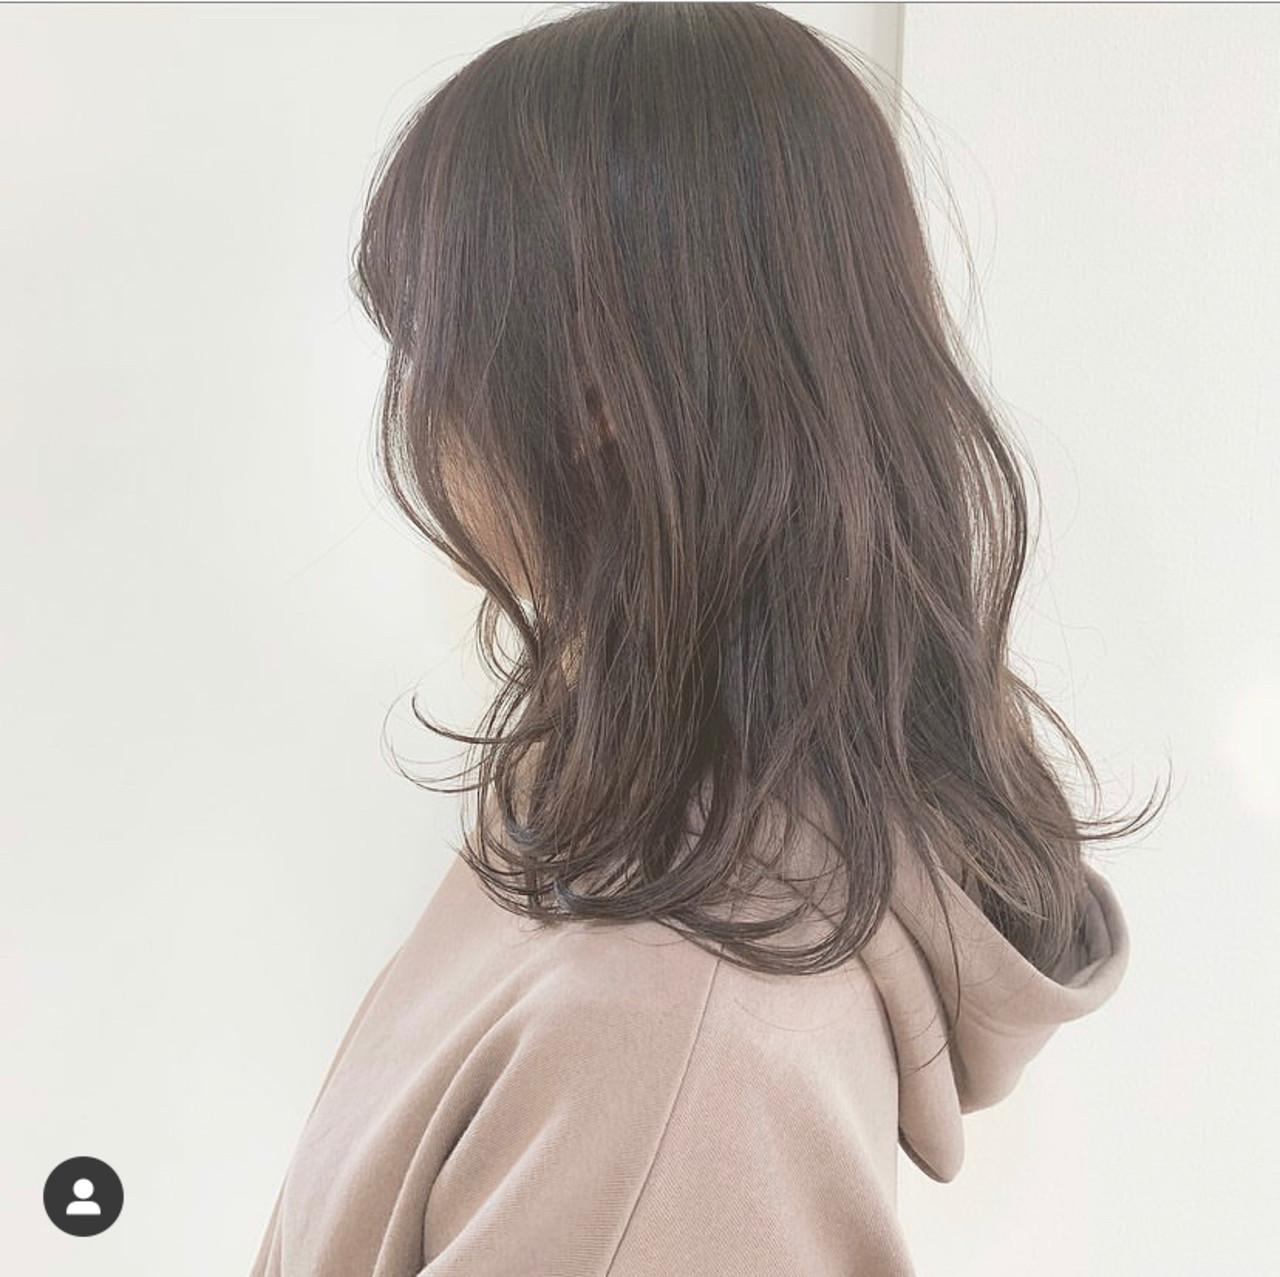 ブラウンベージュ ふんわり 大人可愛い 可愛い ヘアスタイルや髪型の写真・画像